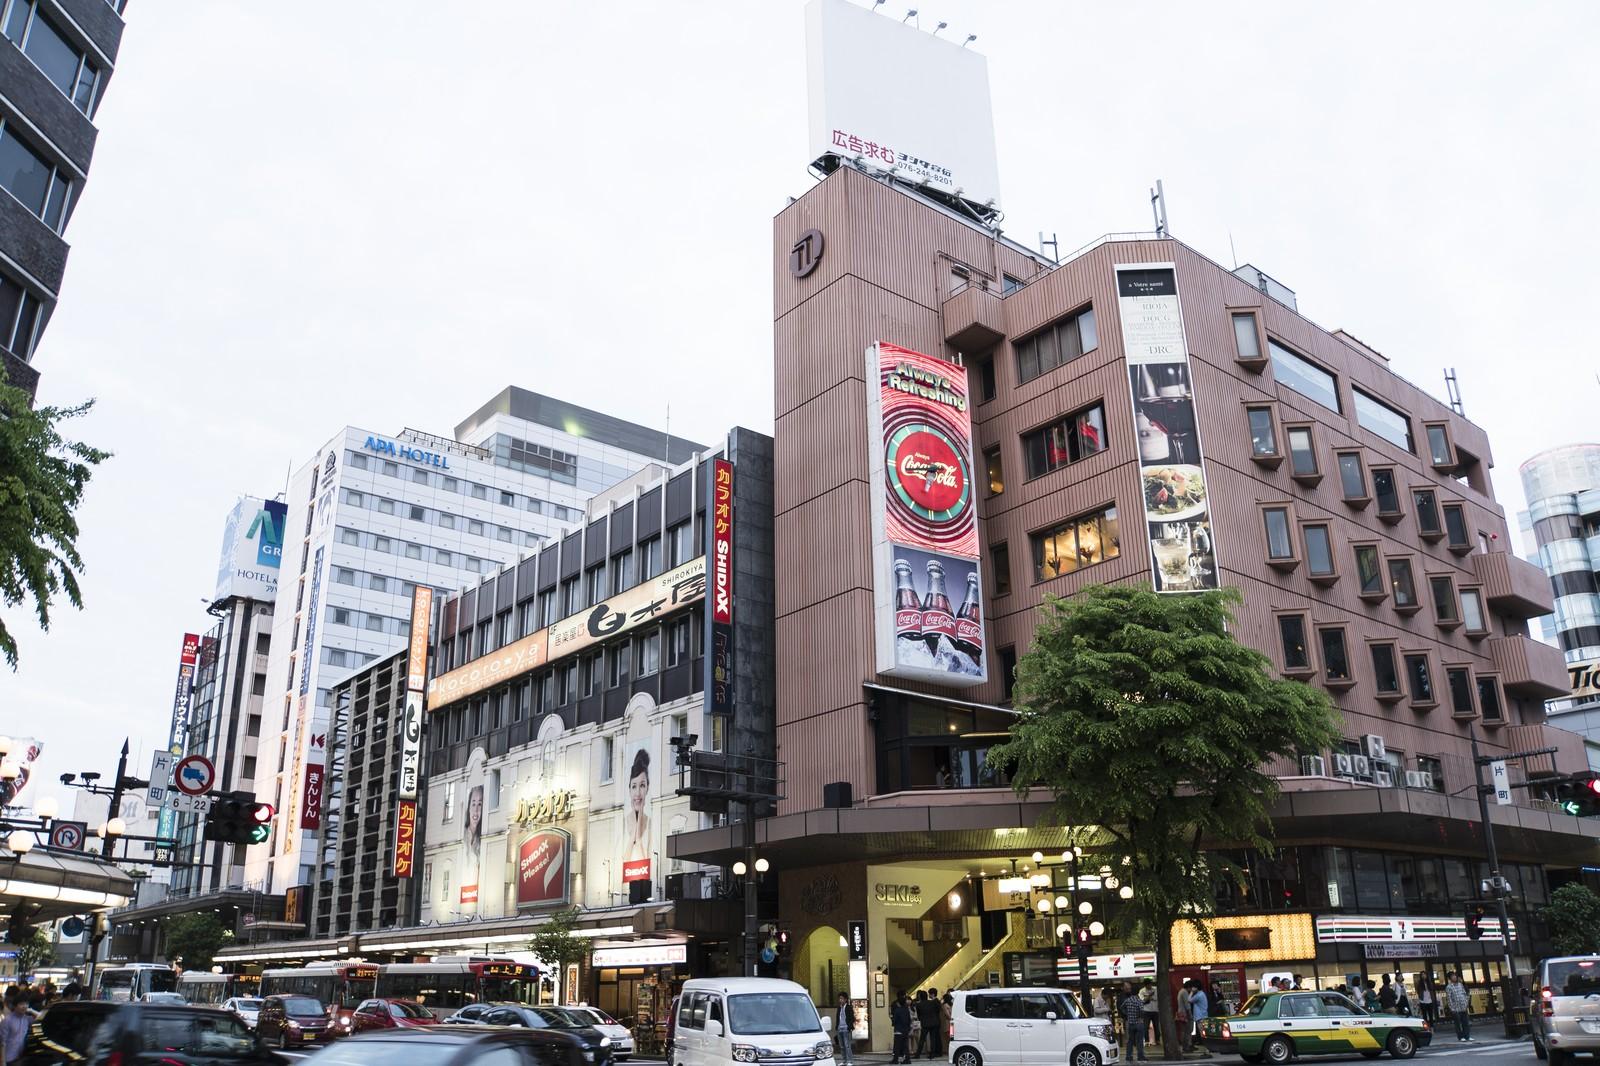 金沢のB級グルメおすすめランキング!安い&美味しい人気店を一挙ご紹介!